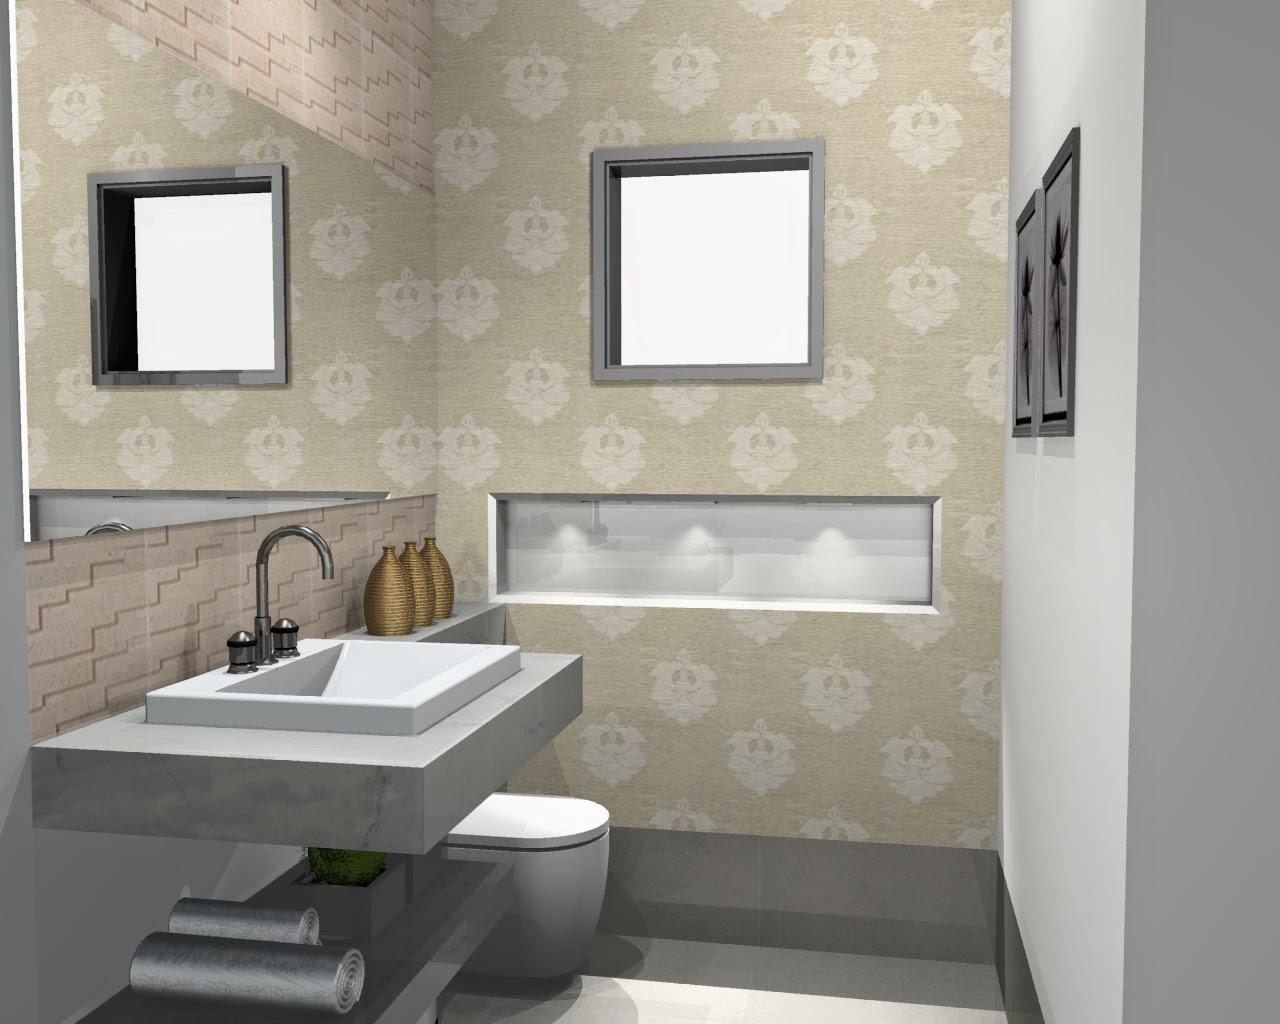 BANHEIRO 7: Na verdade lavabo de área gourmet. #786F53 1280x1024 Banheiro Com Porcelanato Fosco